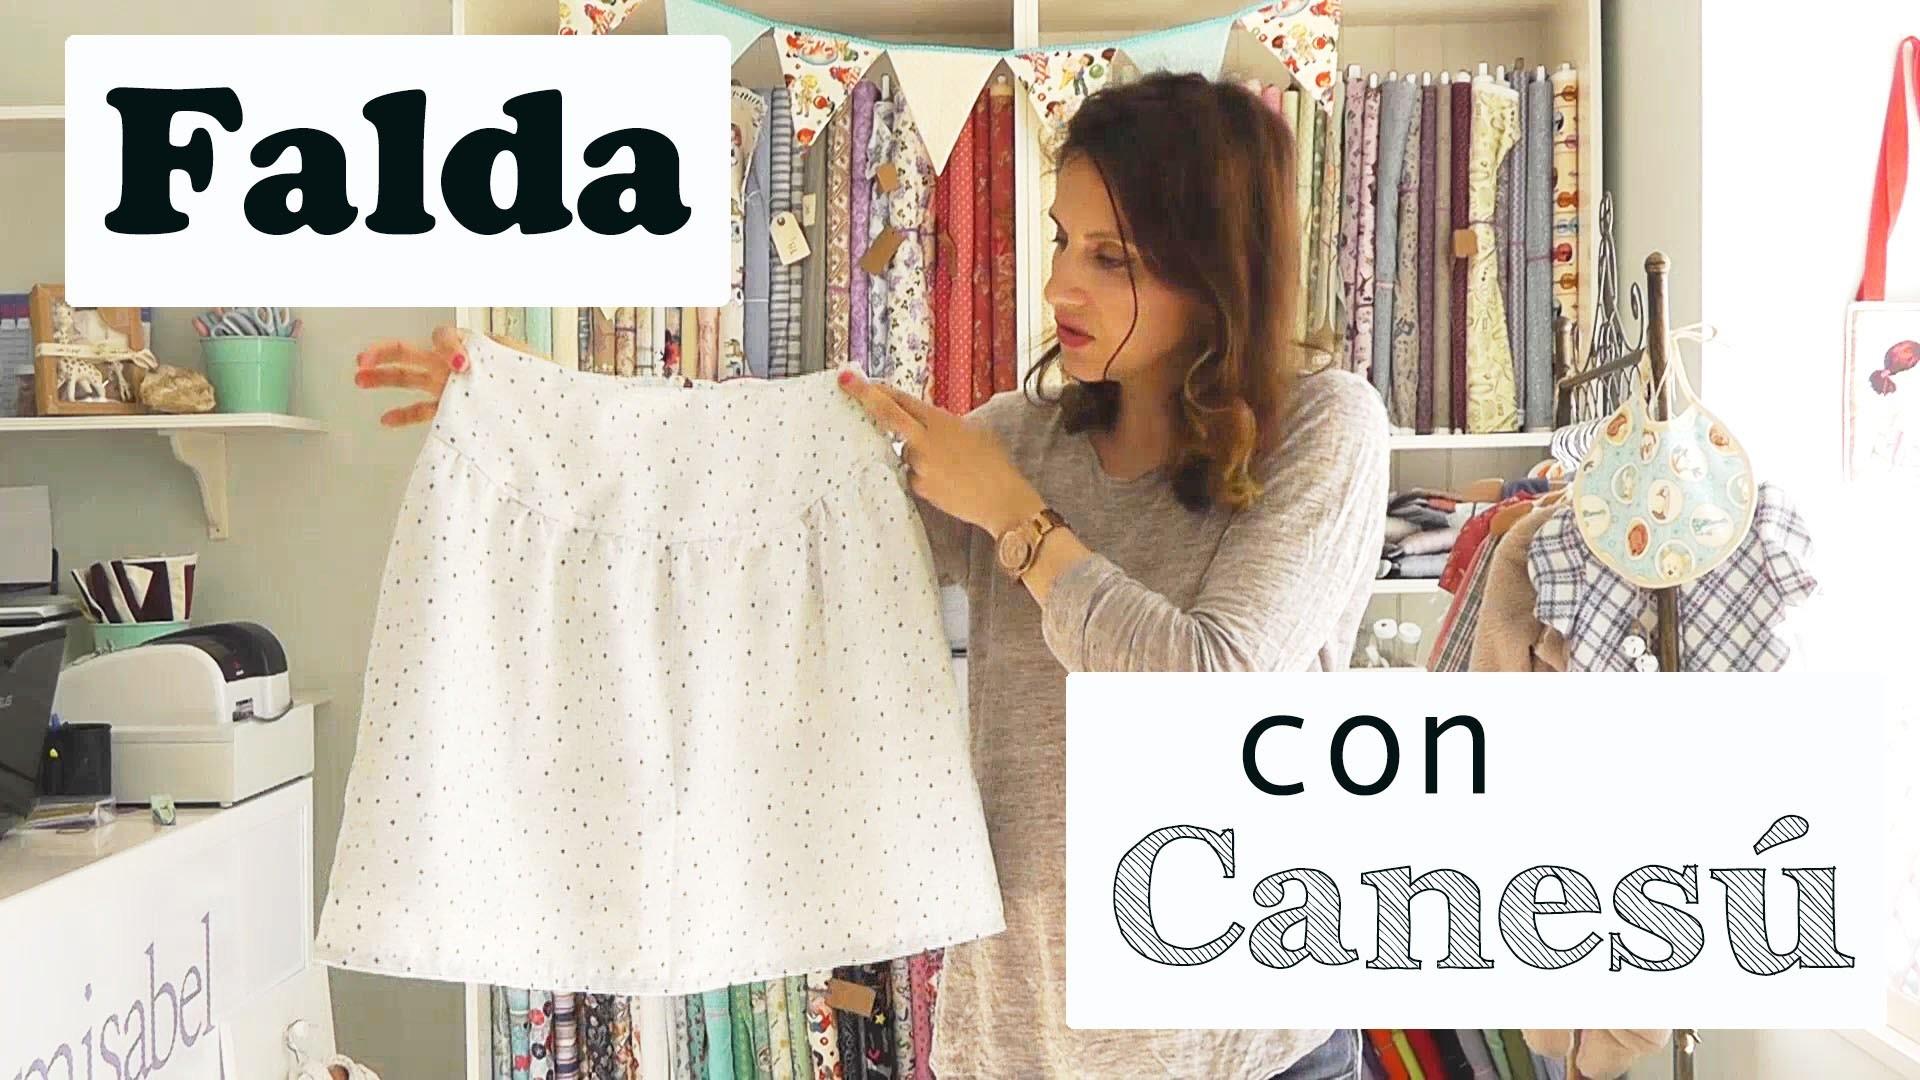 2. COMO HACER UNA FALDA CON CANESÚ Y FRUNCE (CONFECCIÓN)